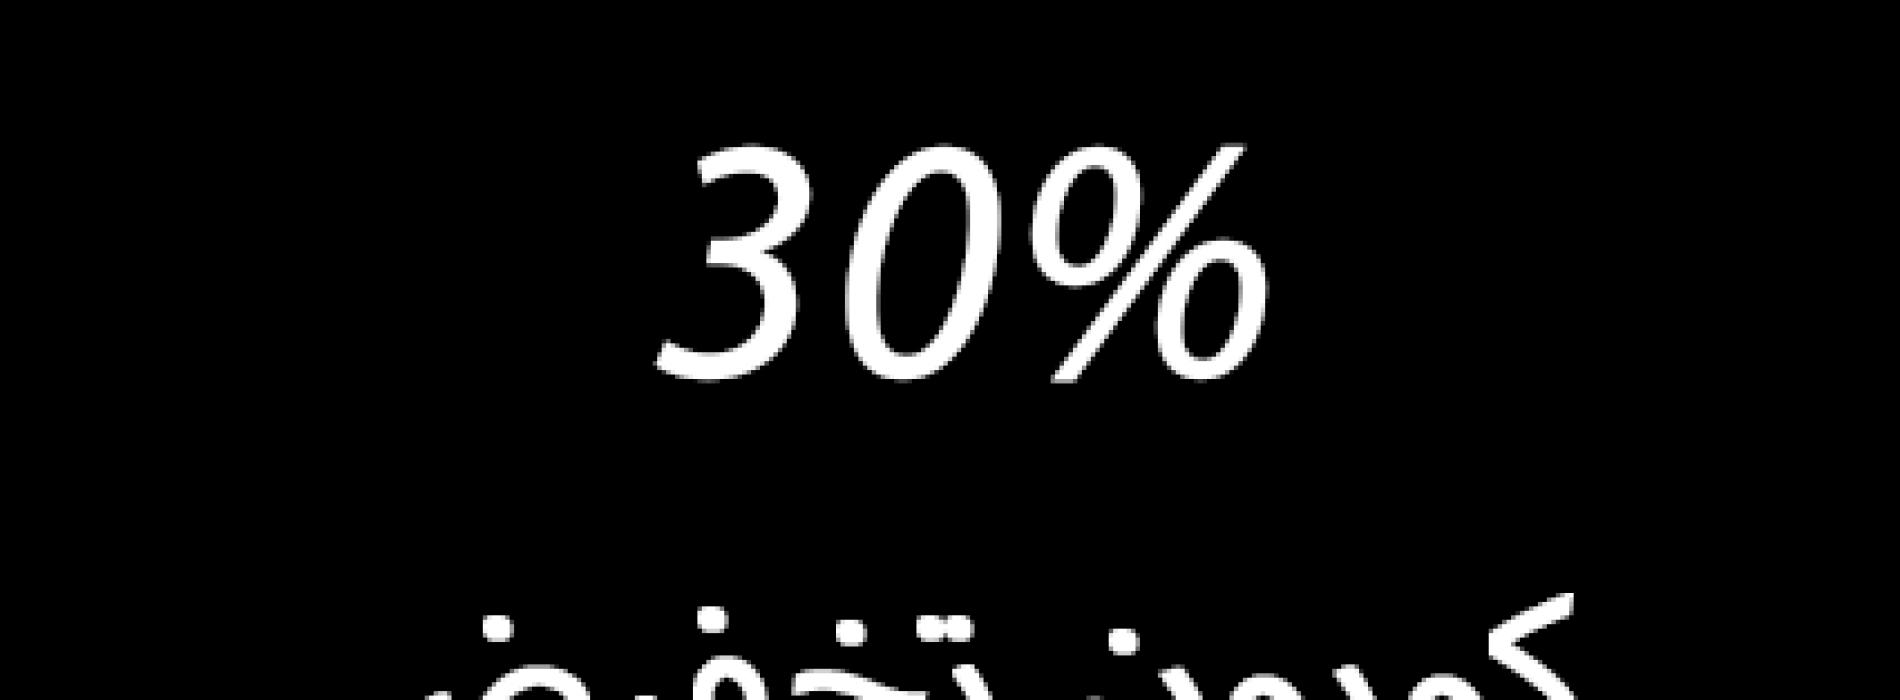 كود تخفيض 30% من موقع Sheinside